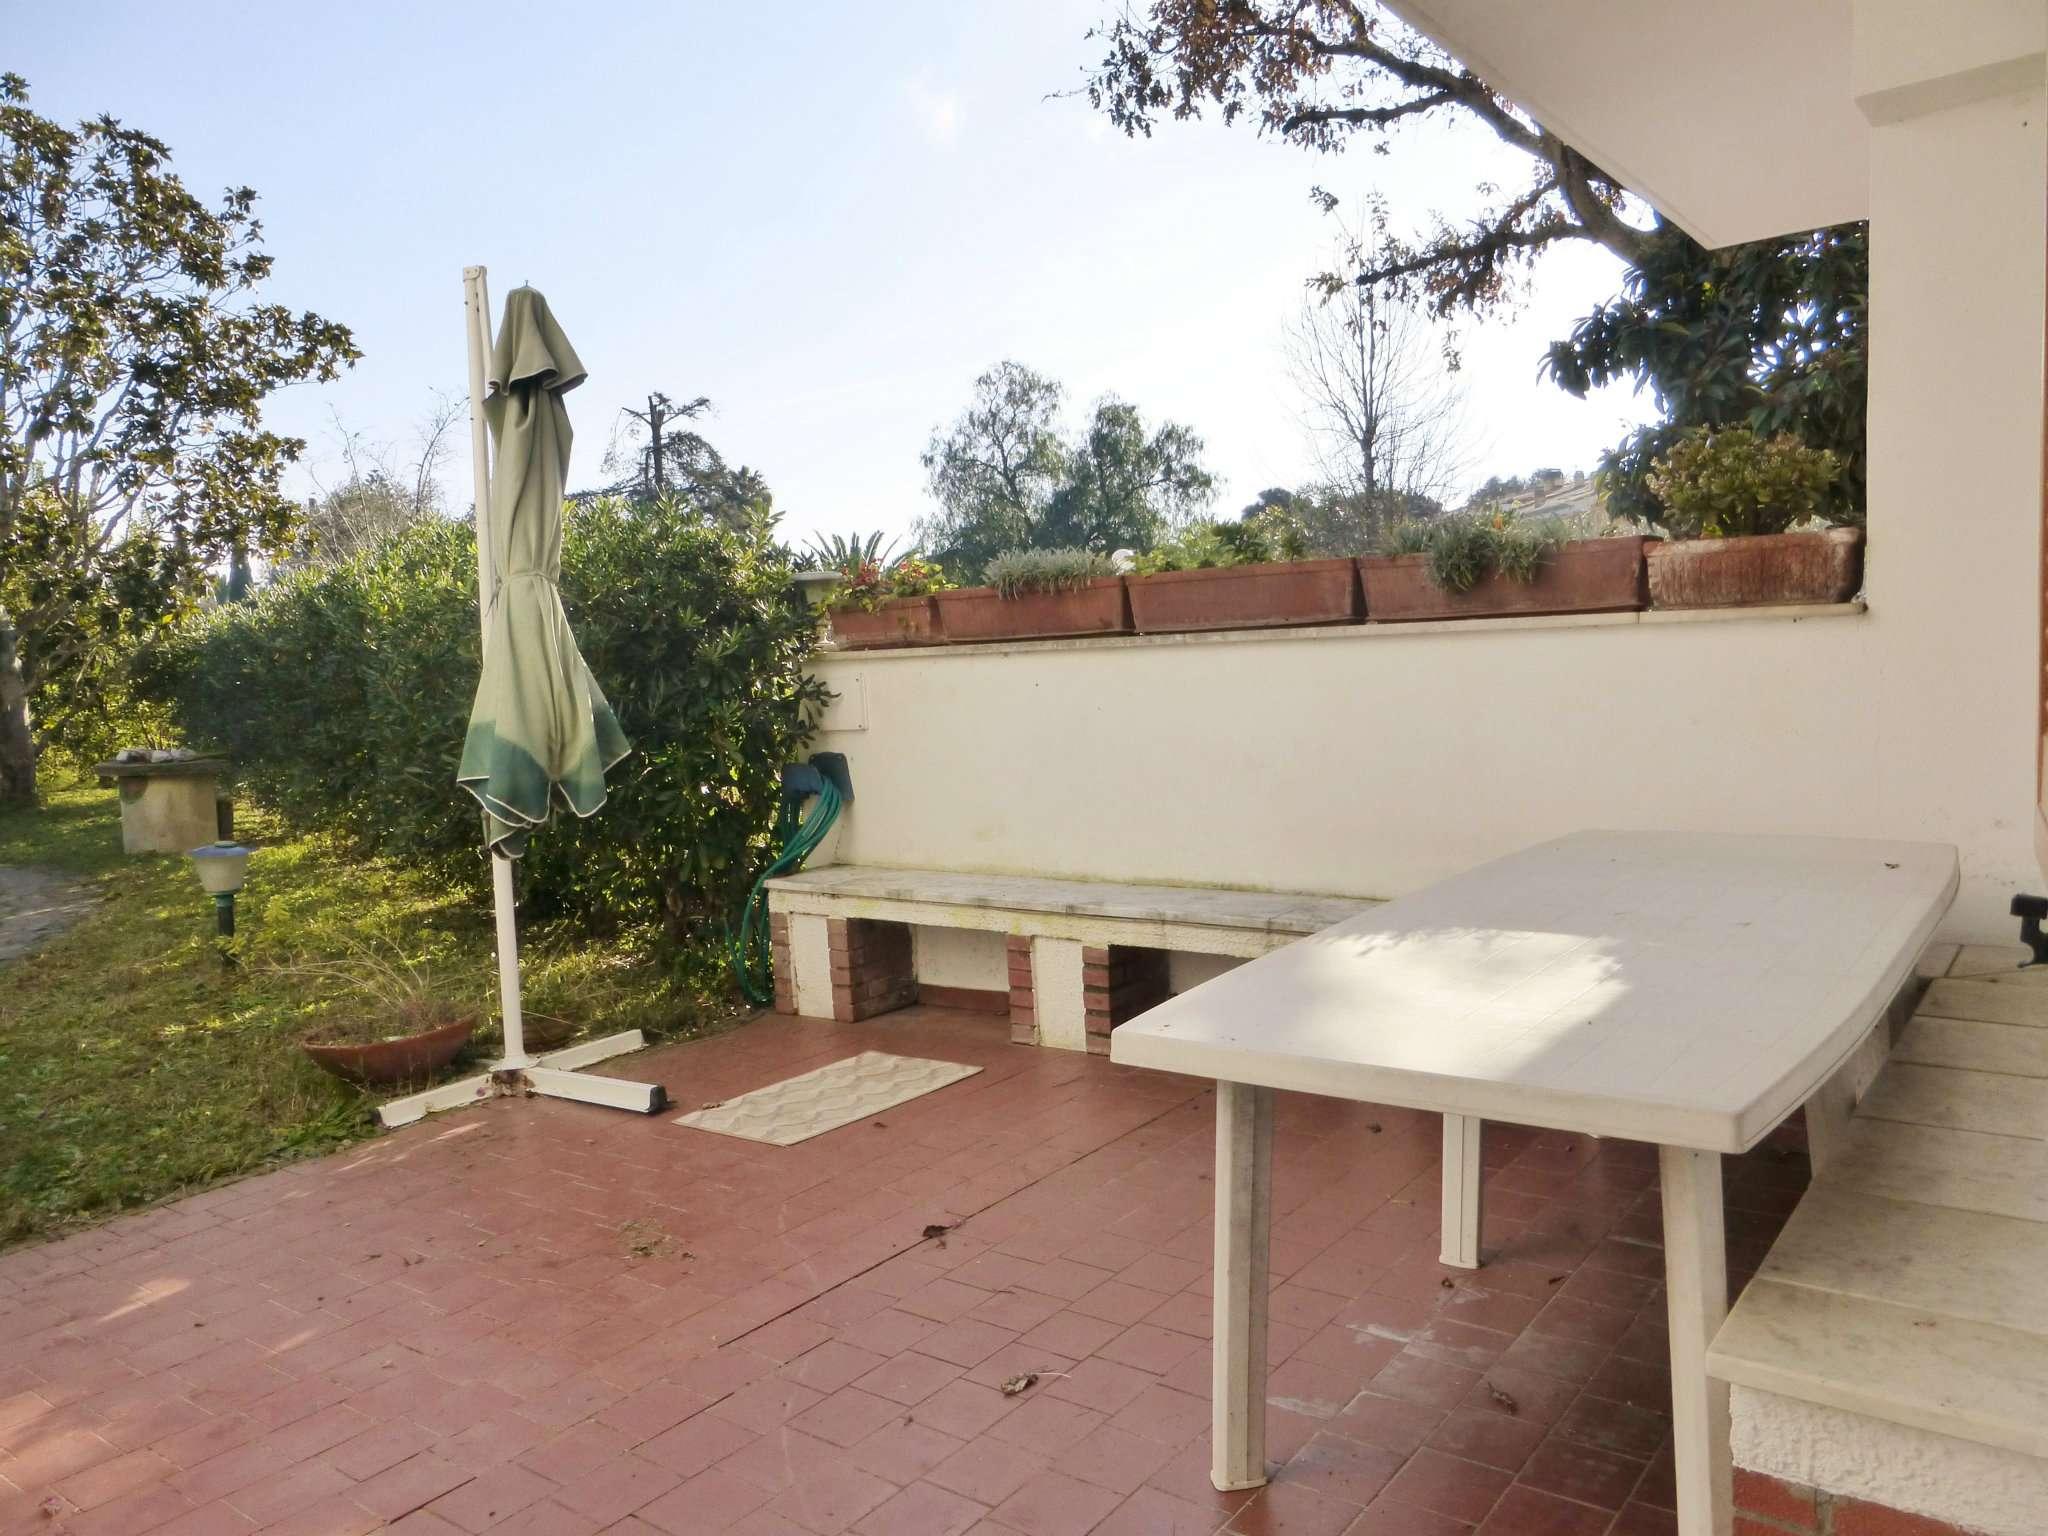 Villa in vendita a Sabaudia, 5 locali, prezzo € 175.000 | CambioCasa.it